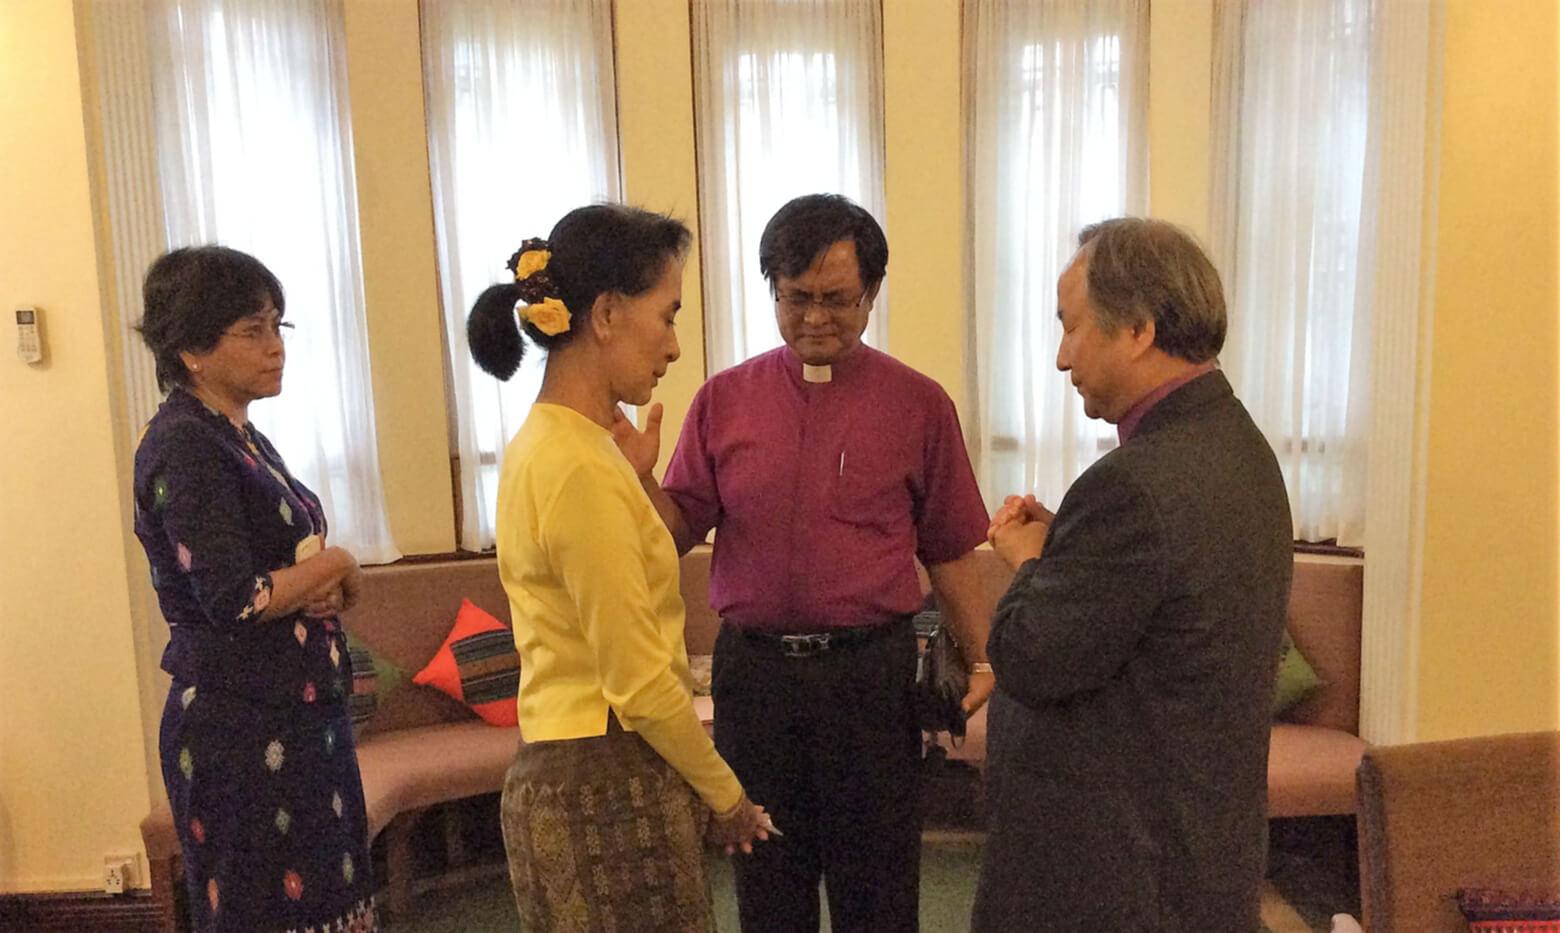 2014년 8월 10일, 미얀마 양곤에 소재한 아웅산 수 치 여사의 집무실에 미얀마 감리교회의 조탄 모야 감독과 정희수 감독이 방문하여 대화를 나눈 후 기도를 드리고 있다. 그 당시 아웅산 수 치 여사는 자택 연금 상태였다. 사진 제공, 정임현 목사, 다락방 아시아 담당 디렉터.